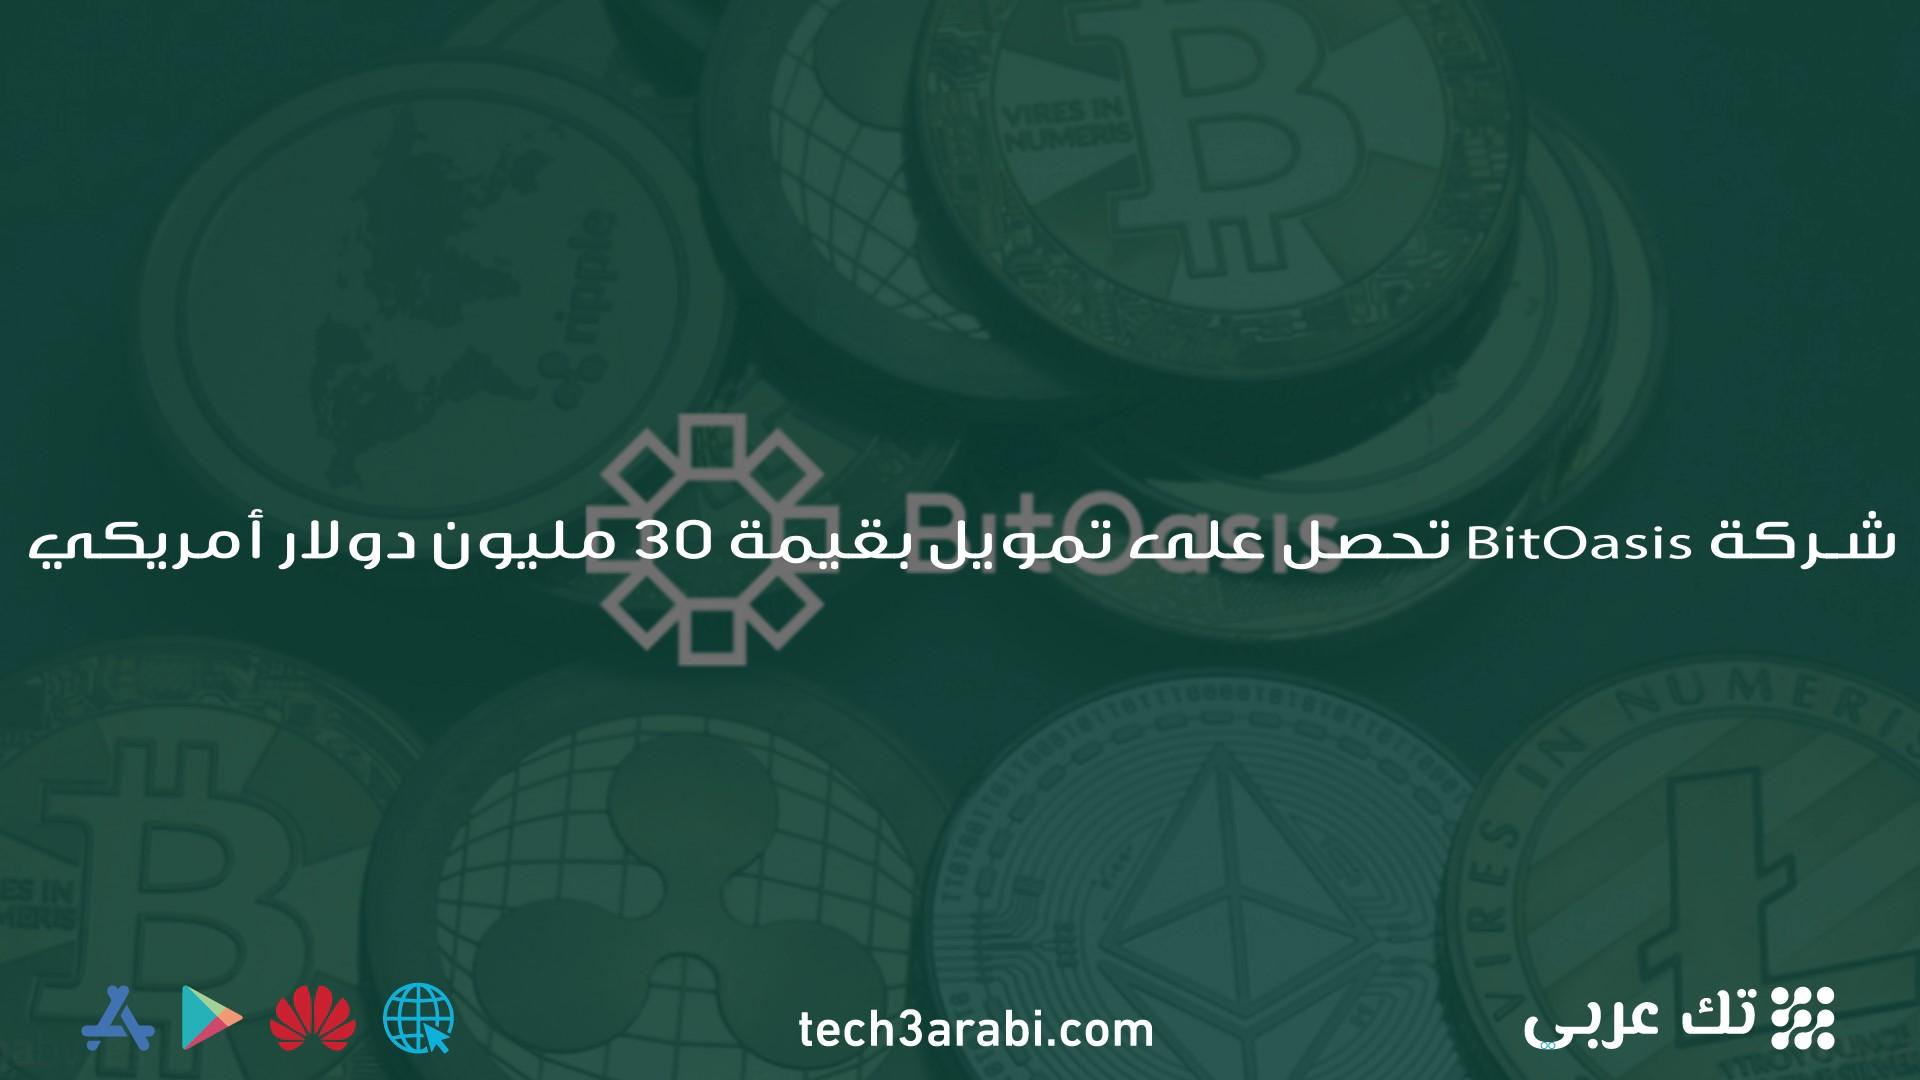 شركة BitOasis تحصل على تمويل بقيمة 30 مليون دولار أمريكي